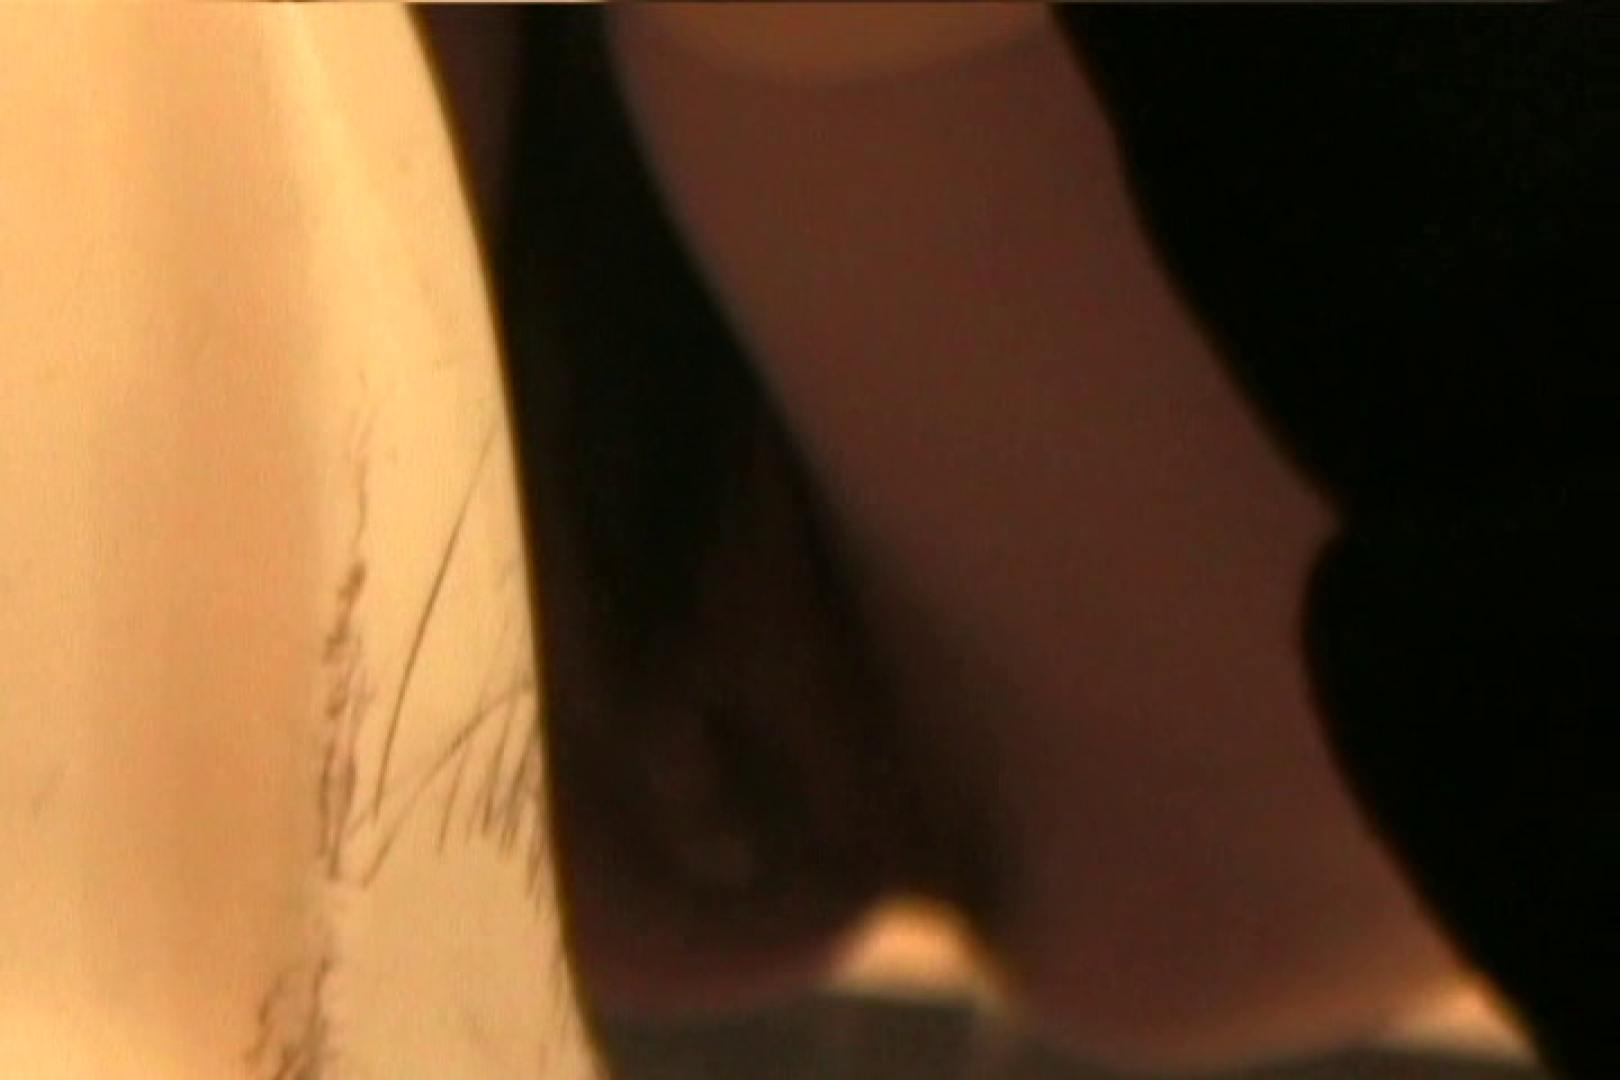 マンコ丸見え女子洗面所Vol.37 洗面所 覗きぱこり動画紹介 29PICs 3